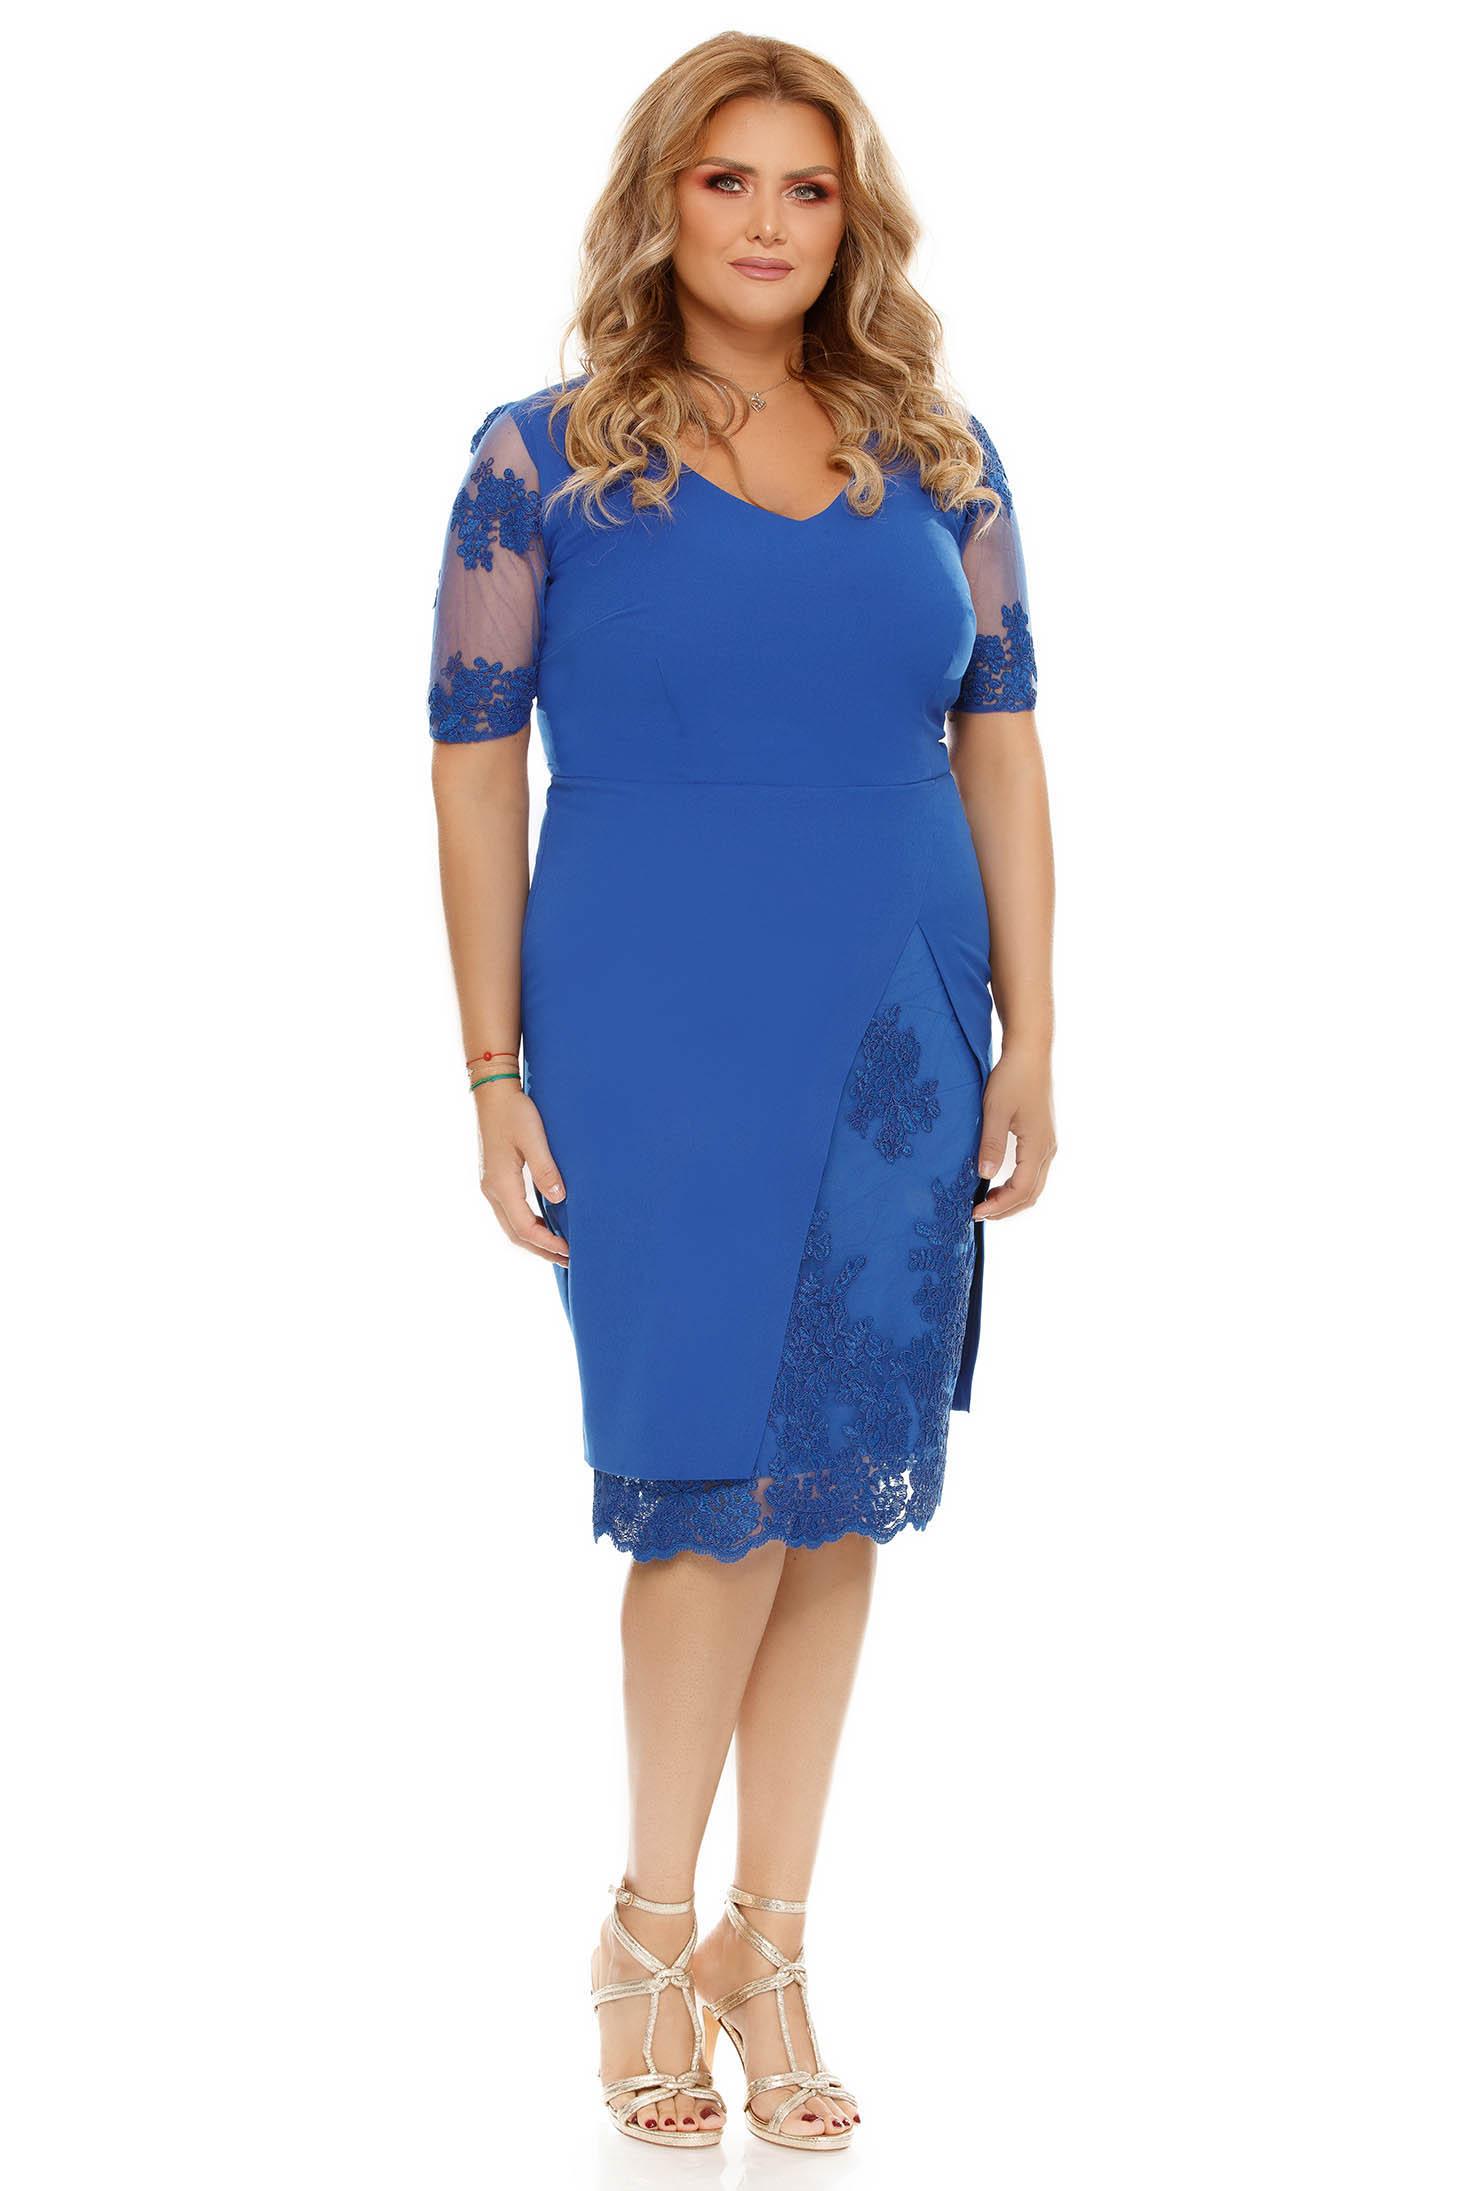 f546dfc346 Kék alkalmi ruha szűk szabás csipke díszítéssel enyhén elasztikus szövet